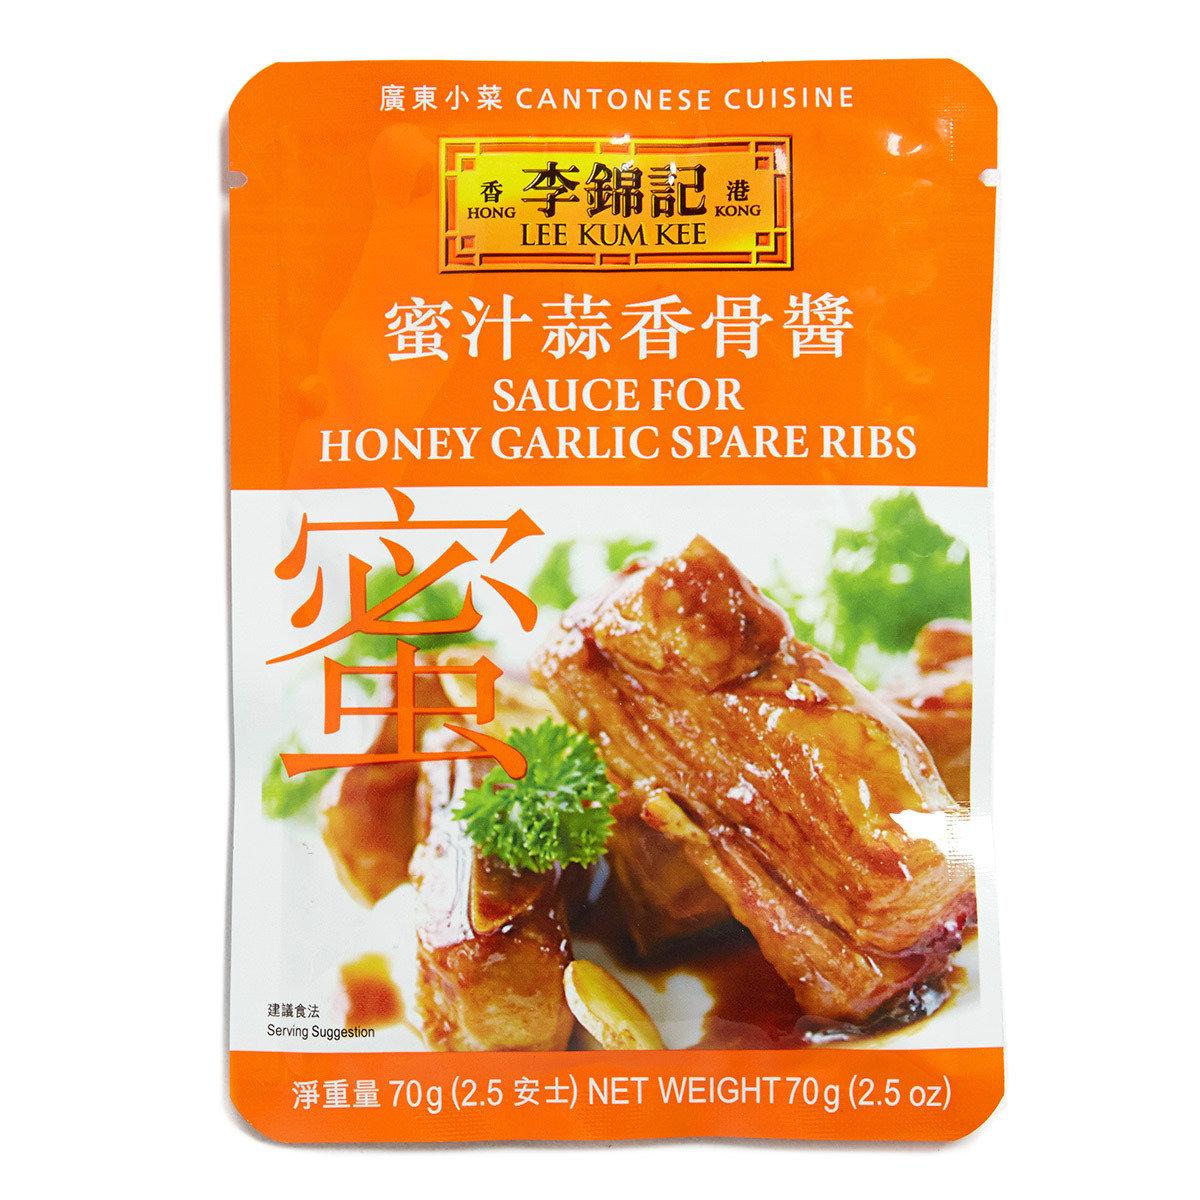 蜜汁蒜香骨醬